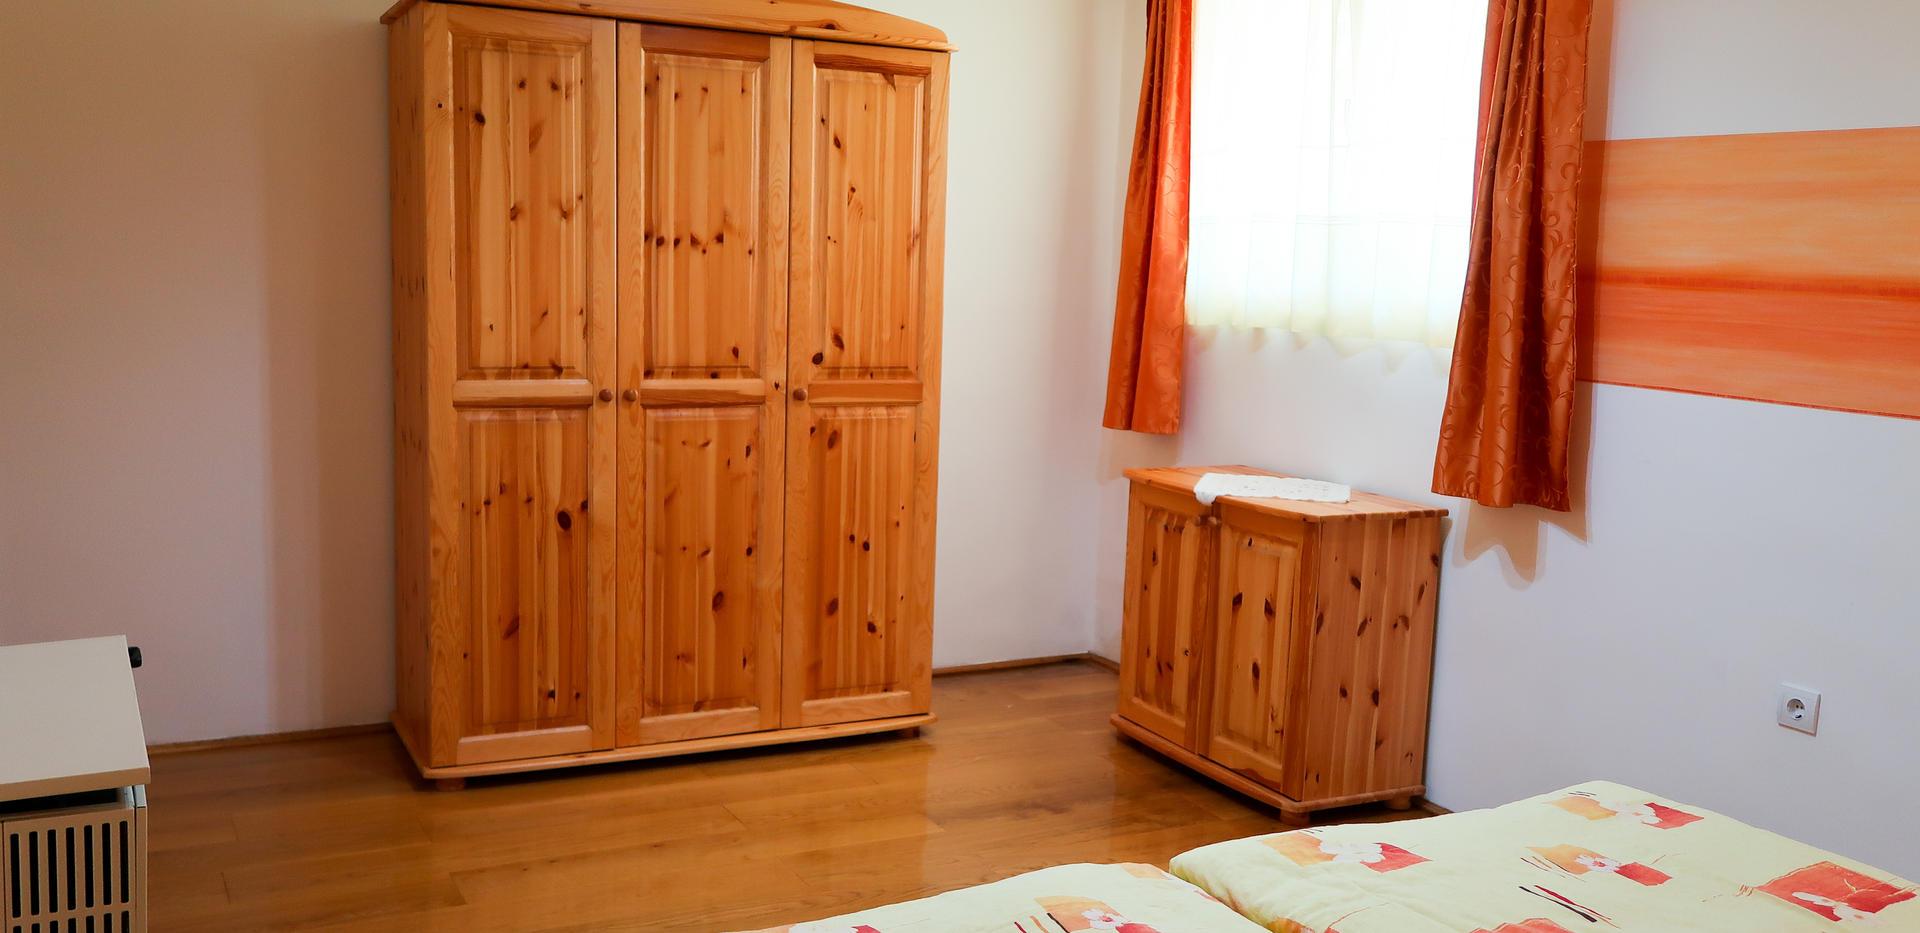 Zalakaros_4-es Ház_2-es apartman (4 személyes)